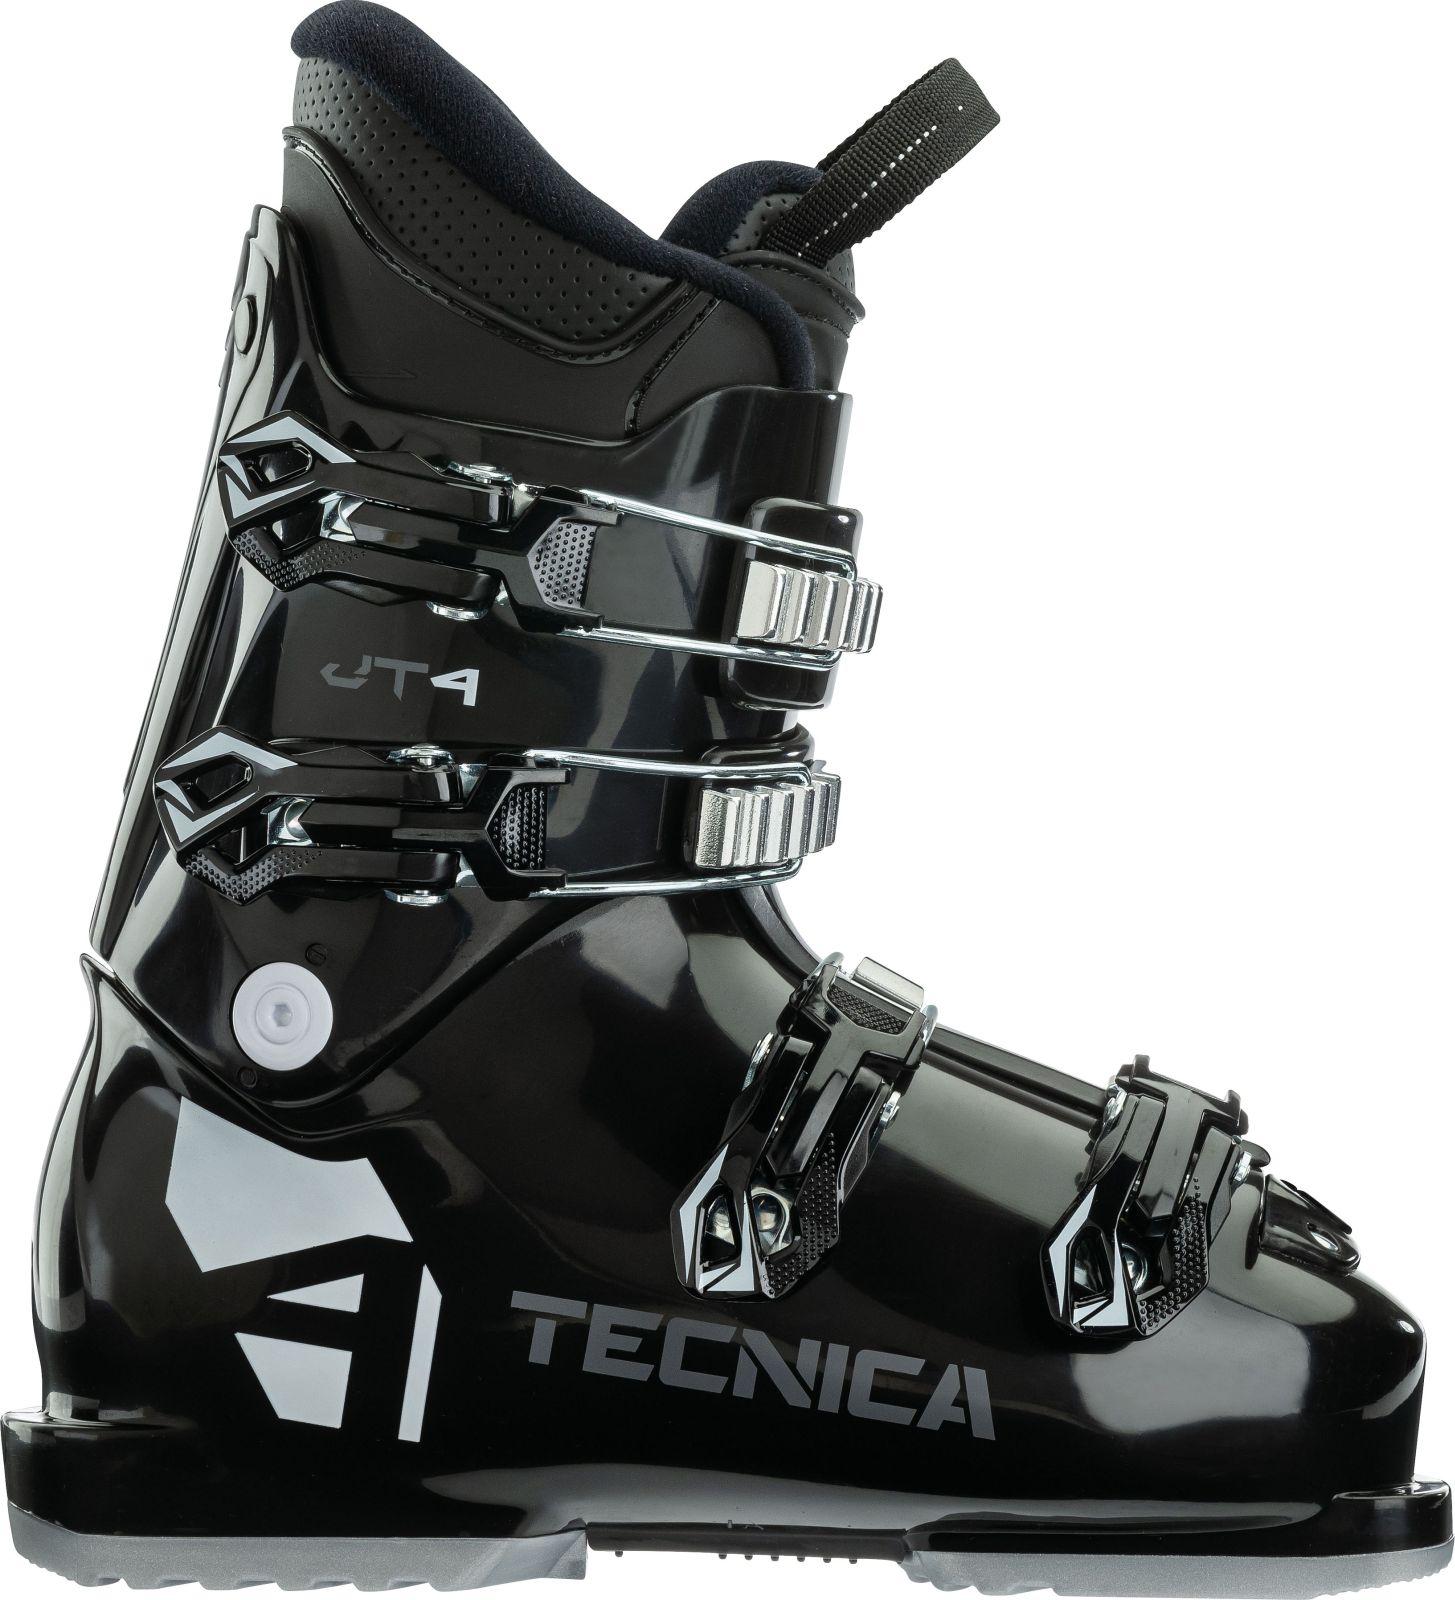 Tecnica JT 4 - black 265